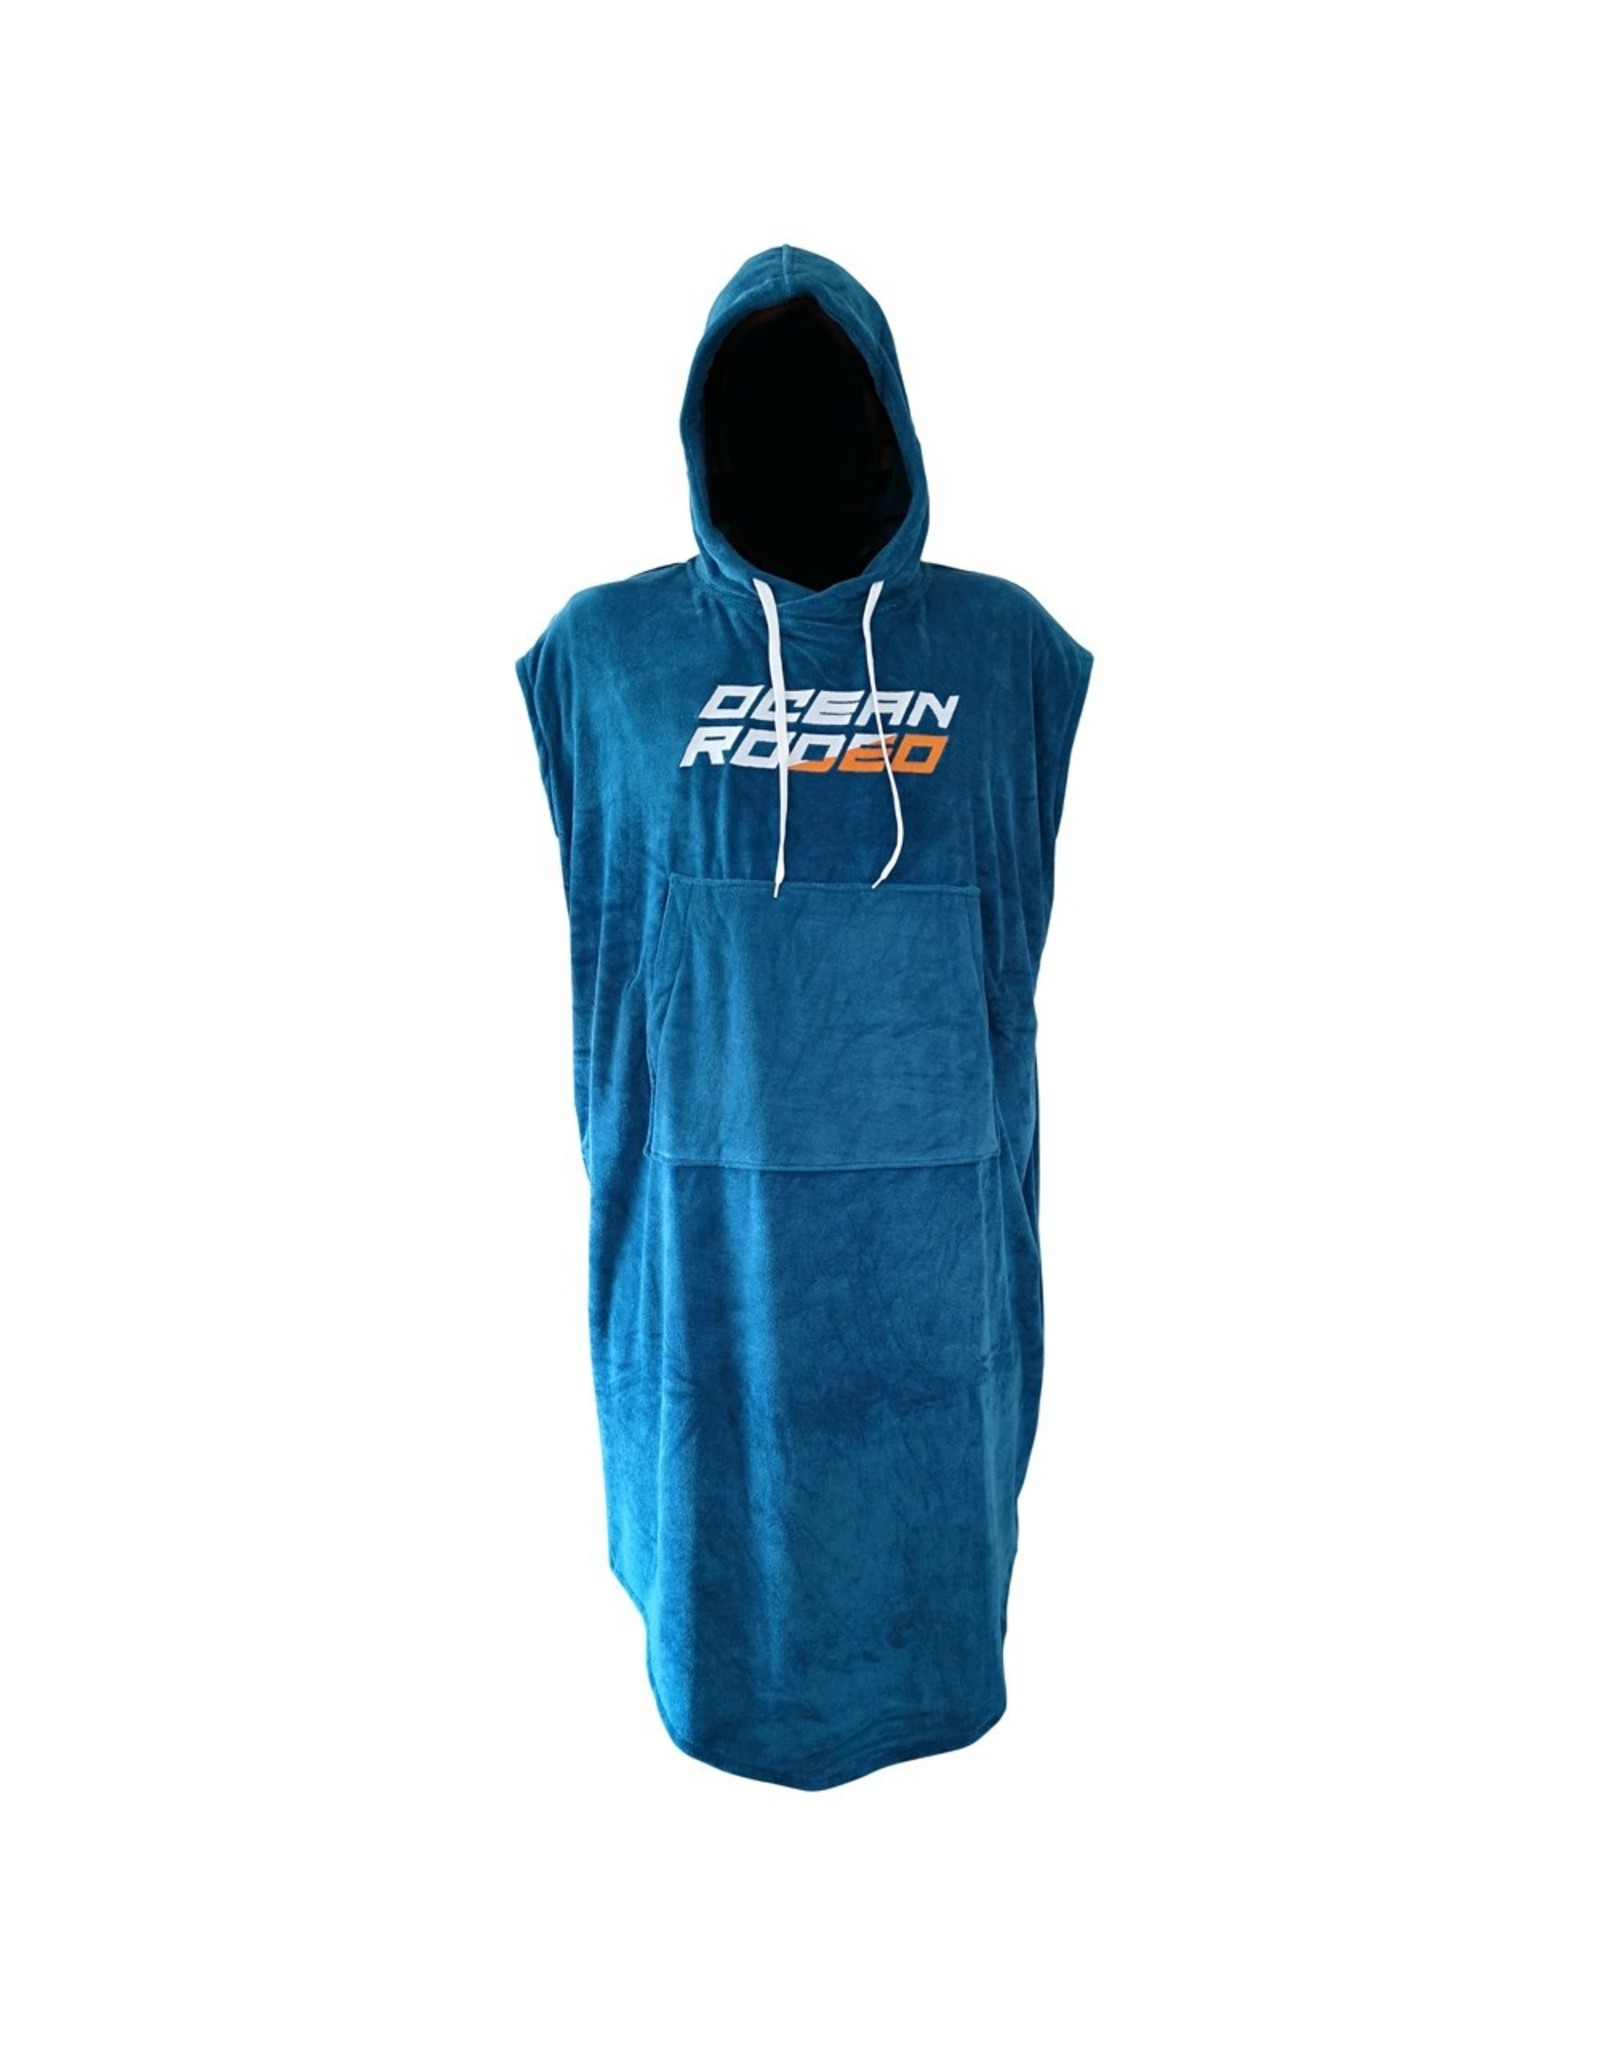 Slam Towel hoodie